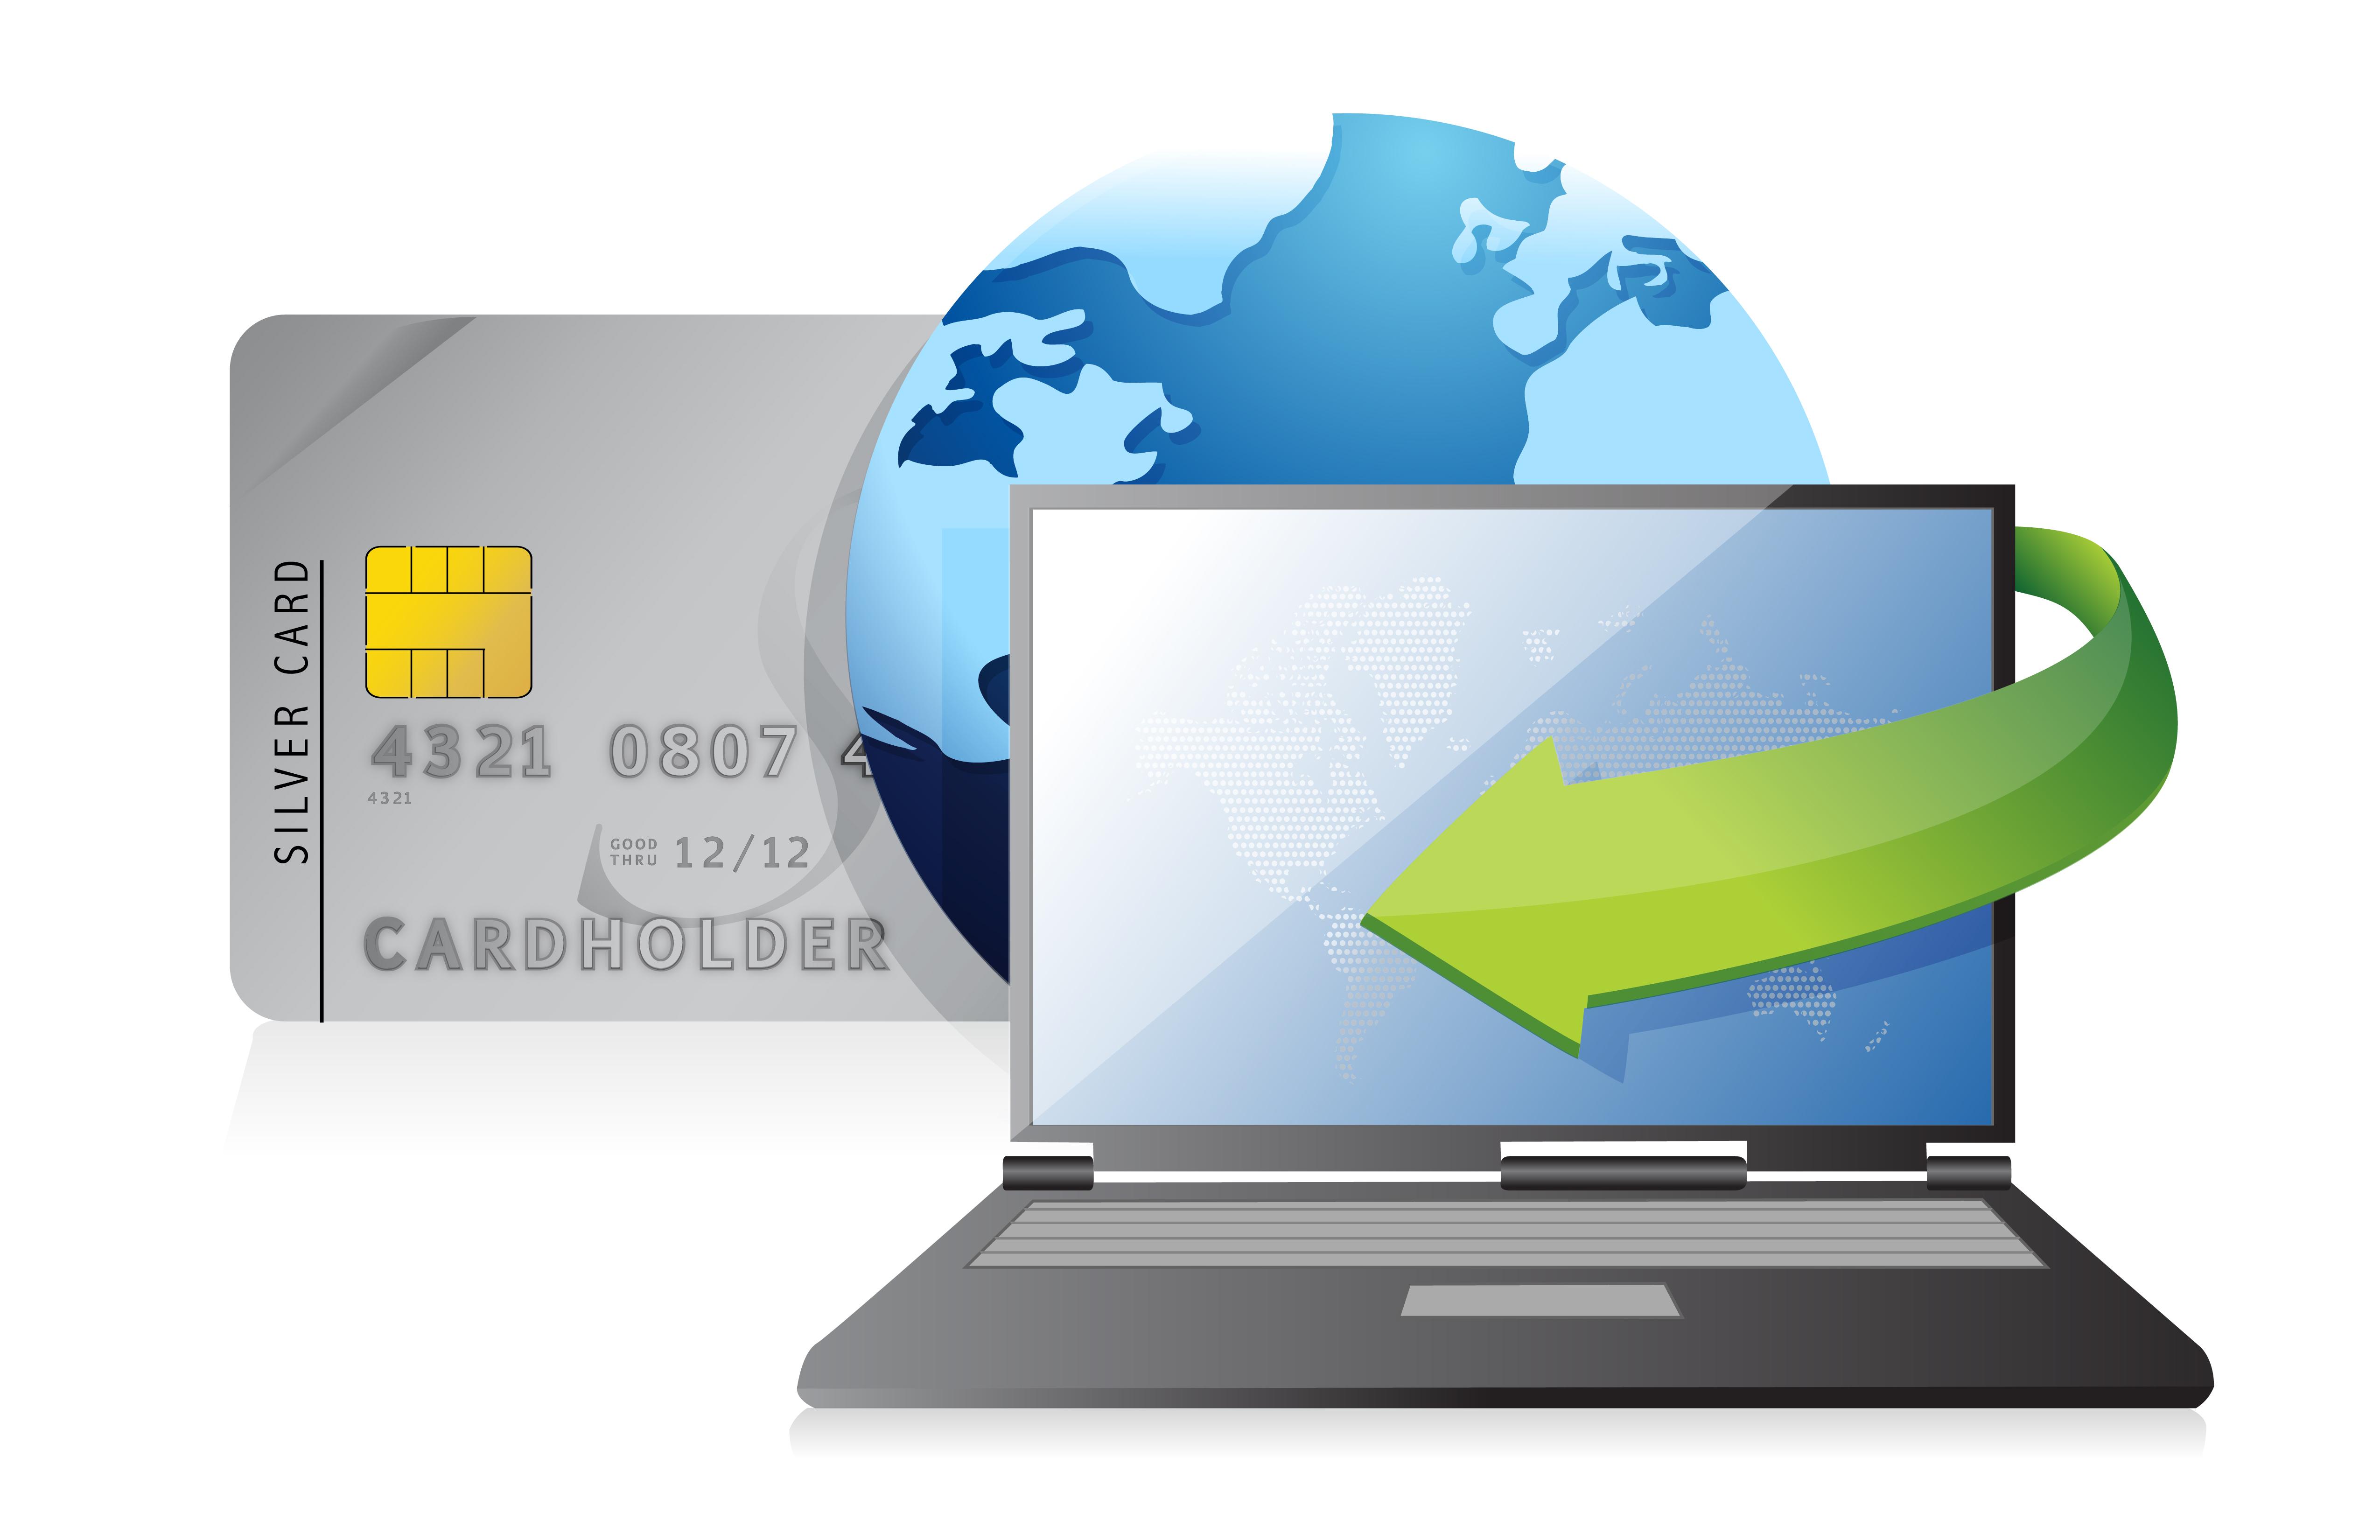 оформить кредит телефон онлайн с моментальным решением